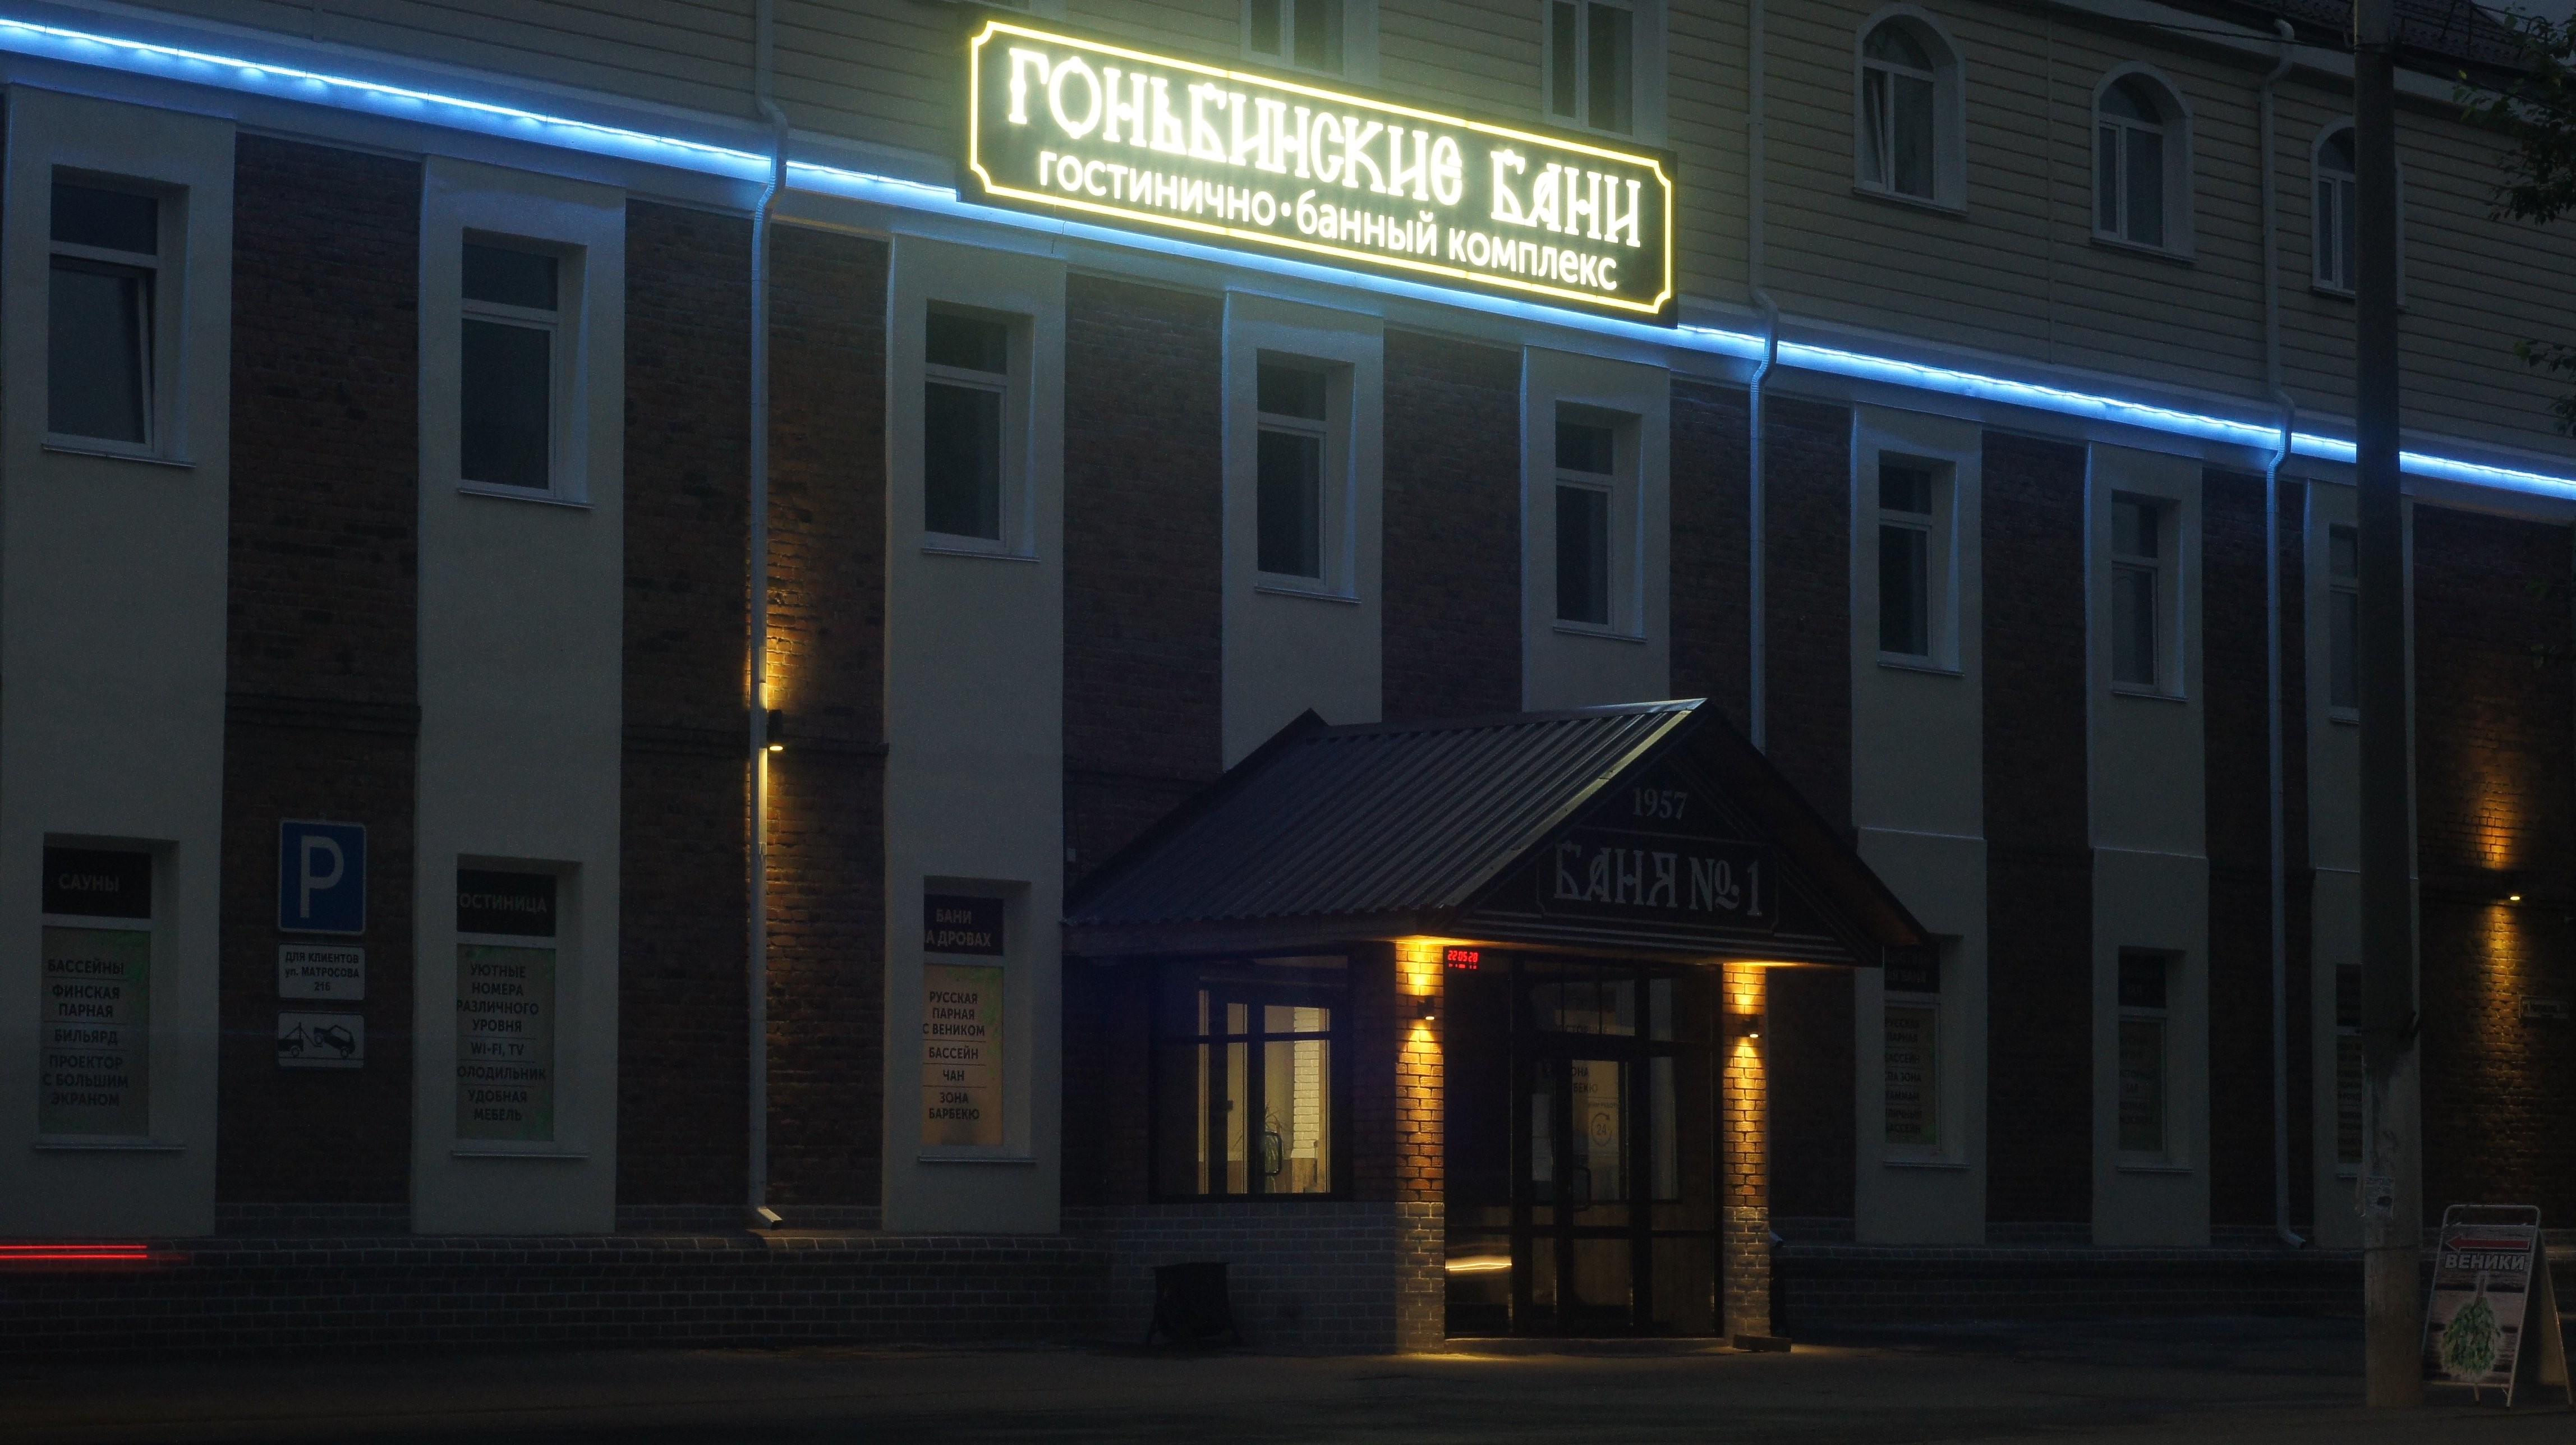 Гоньбинские бани, гостинично-банный комплекс - №23